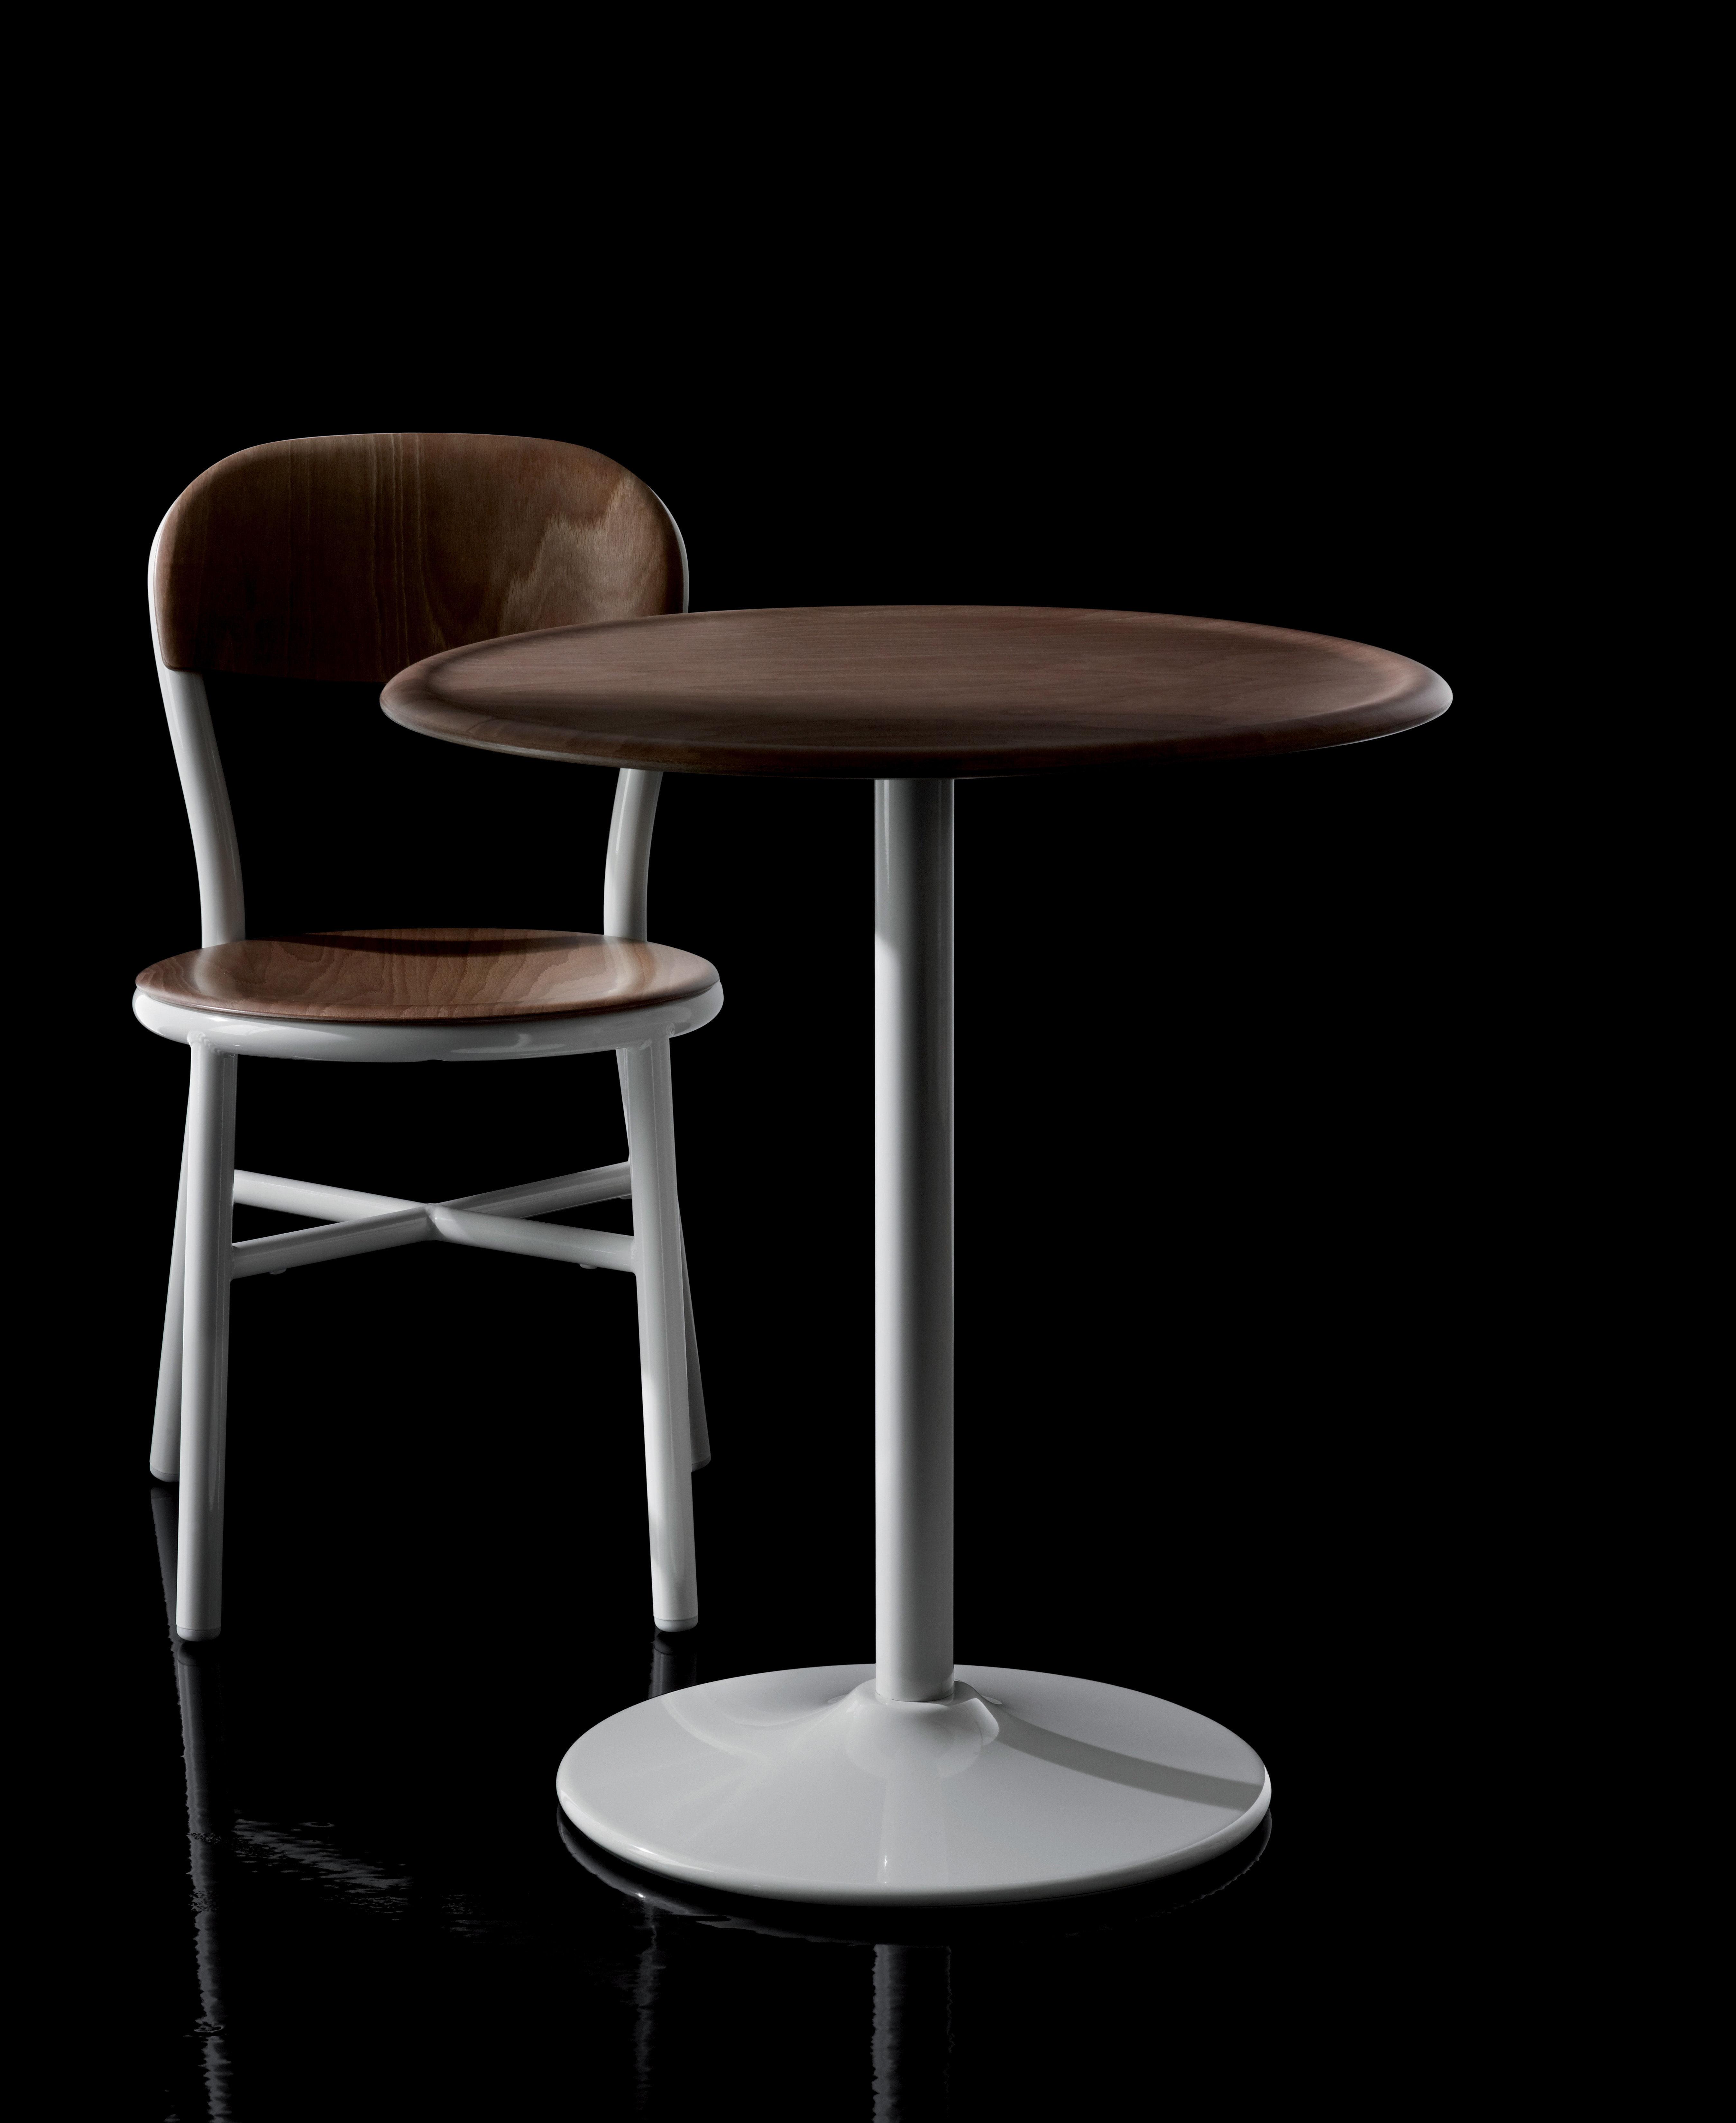 chaise empilable pipe bois m tal noir h tre fonc. Black Bedroom Furniture Sets. Home Design Ideas